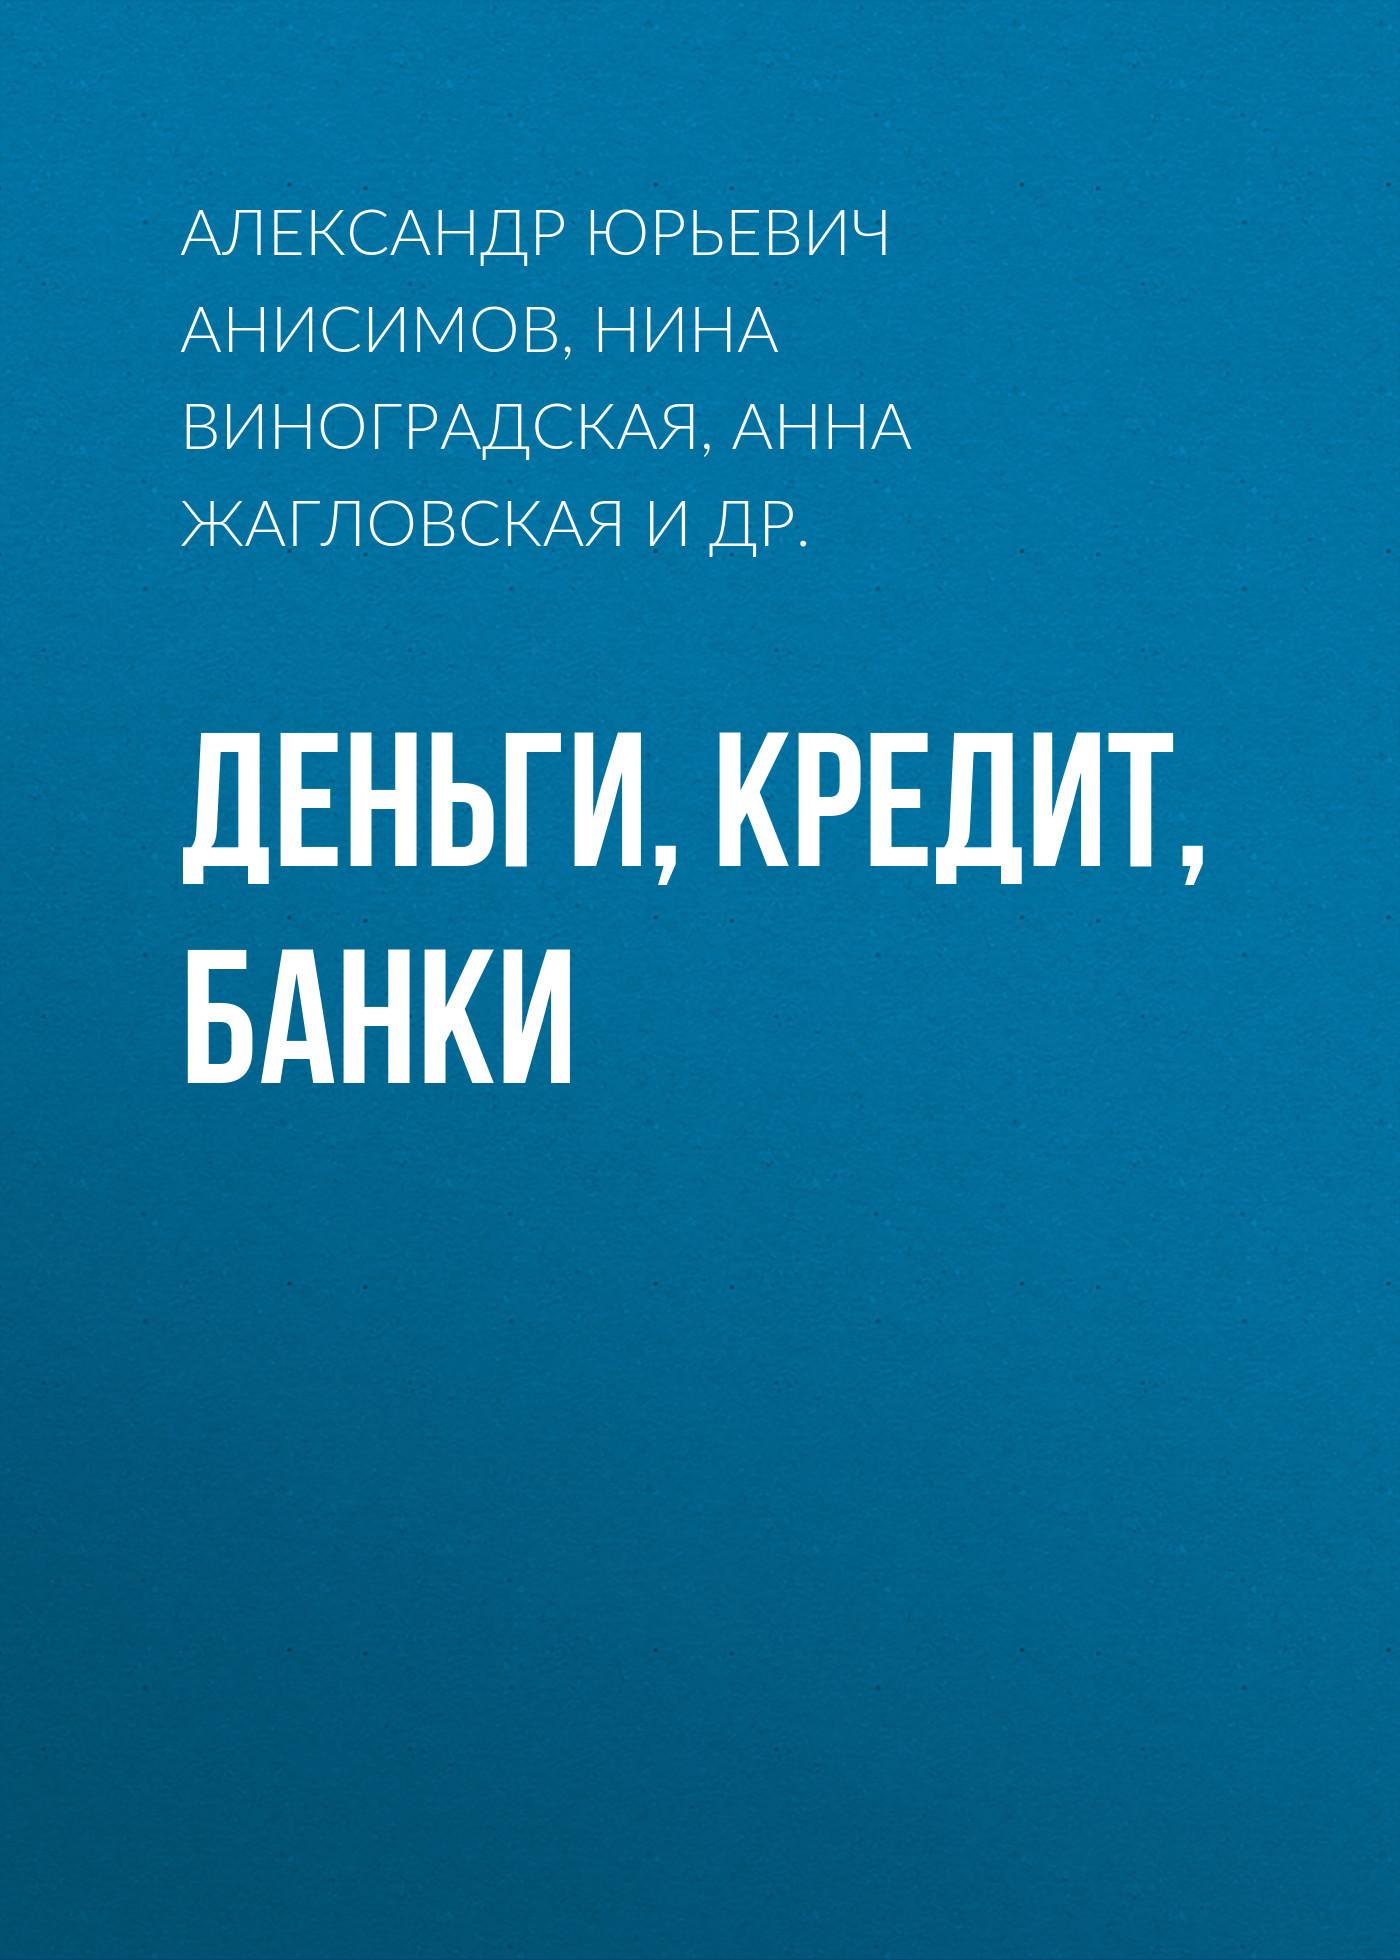 Александр Юрьевич Анисимов Деньги, кредит, банки